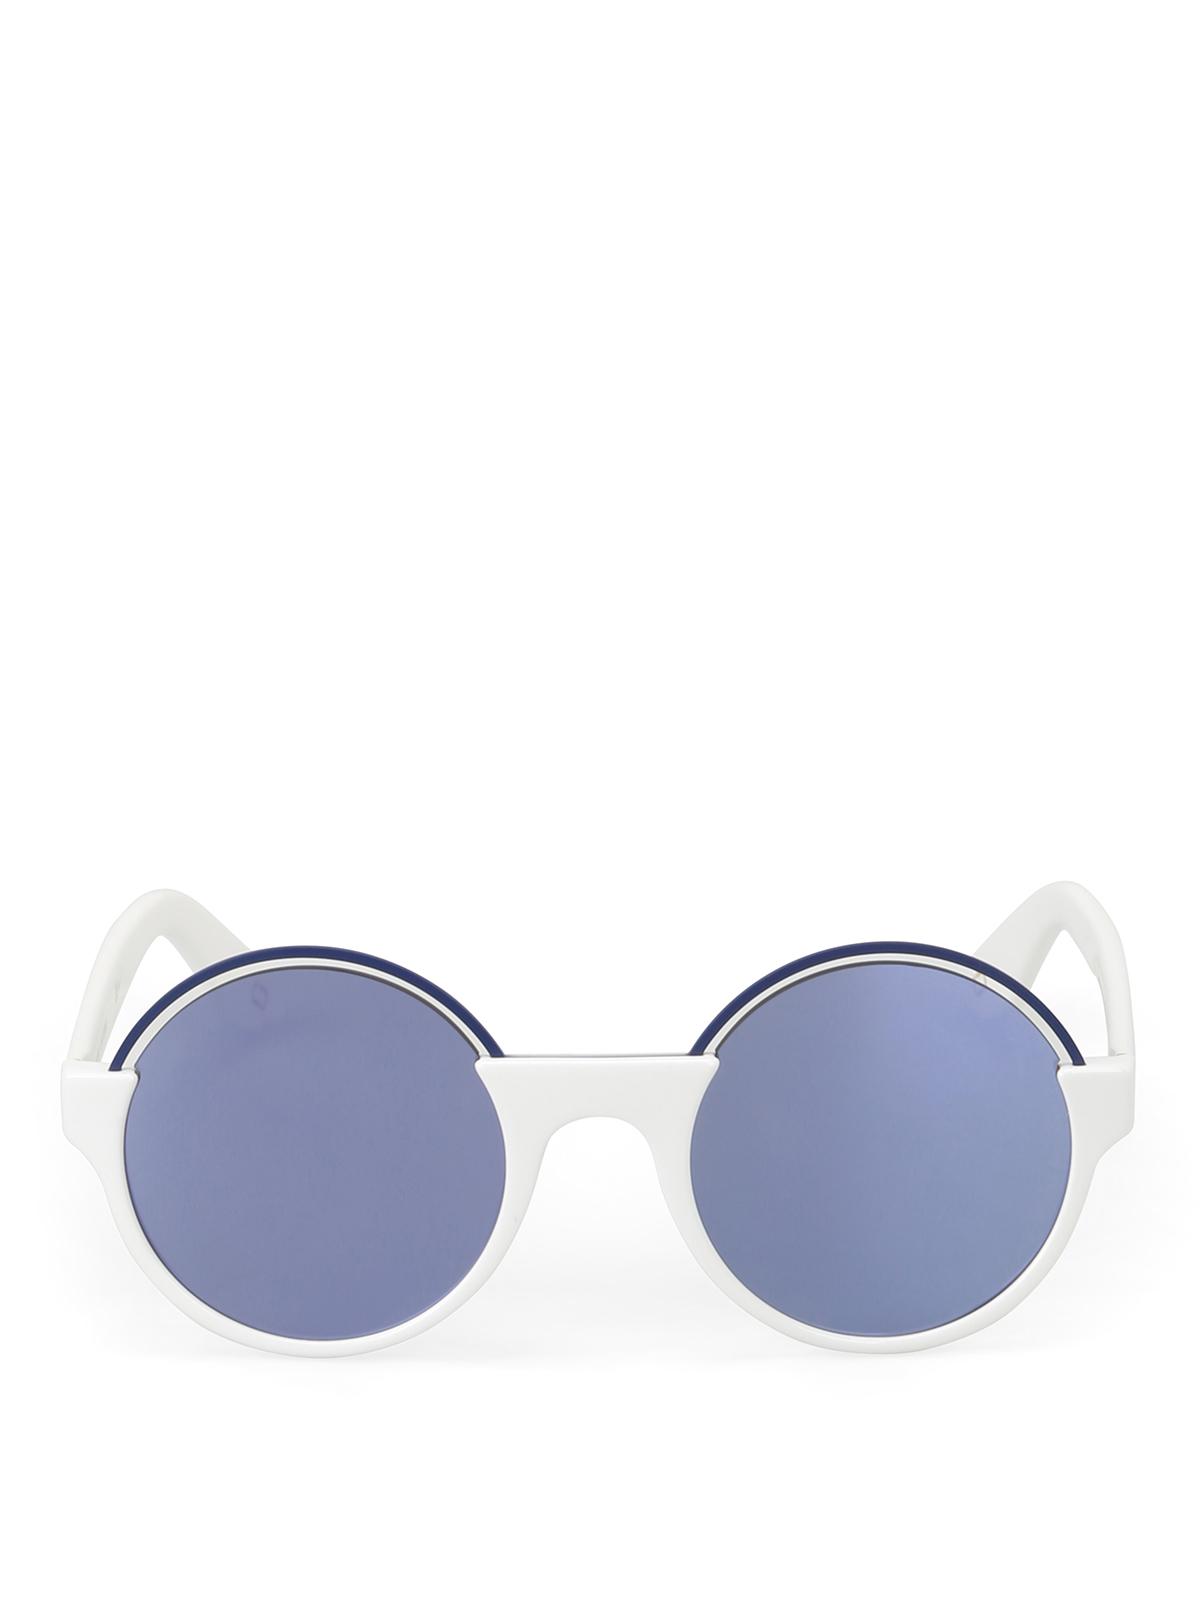 nuovo prodotto 3a8ab 91a2c Marc Jacobs - Occhiali bianchi lenti specchiate - occhiali ...